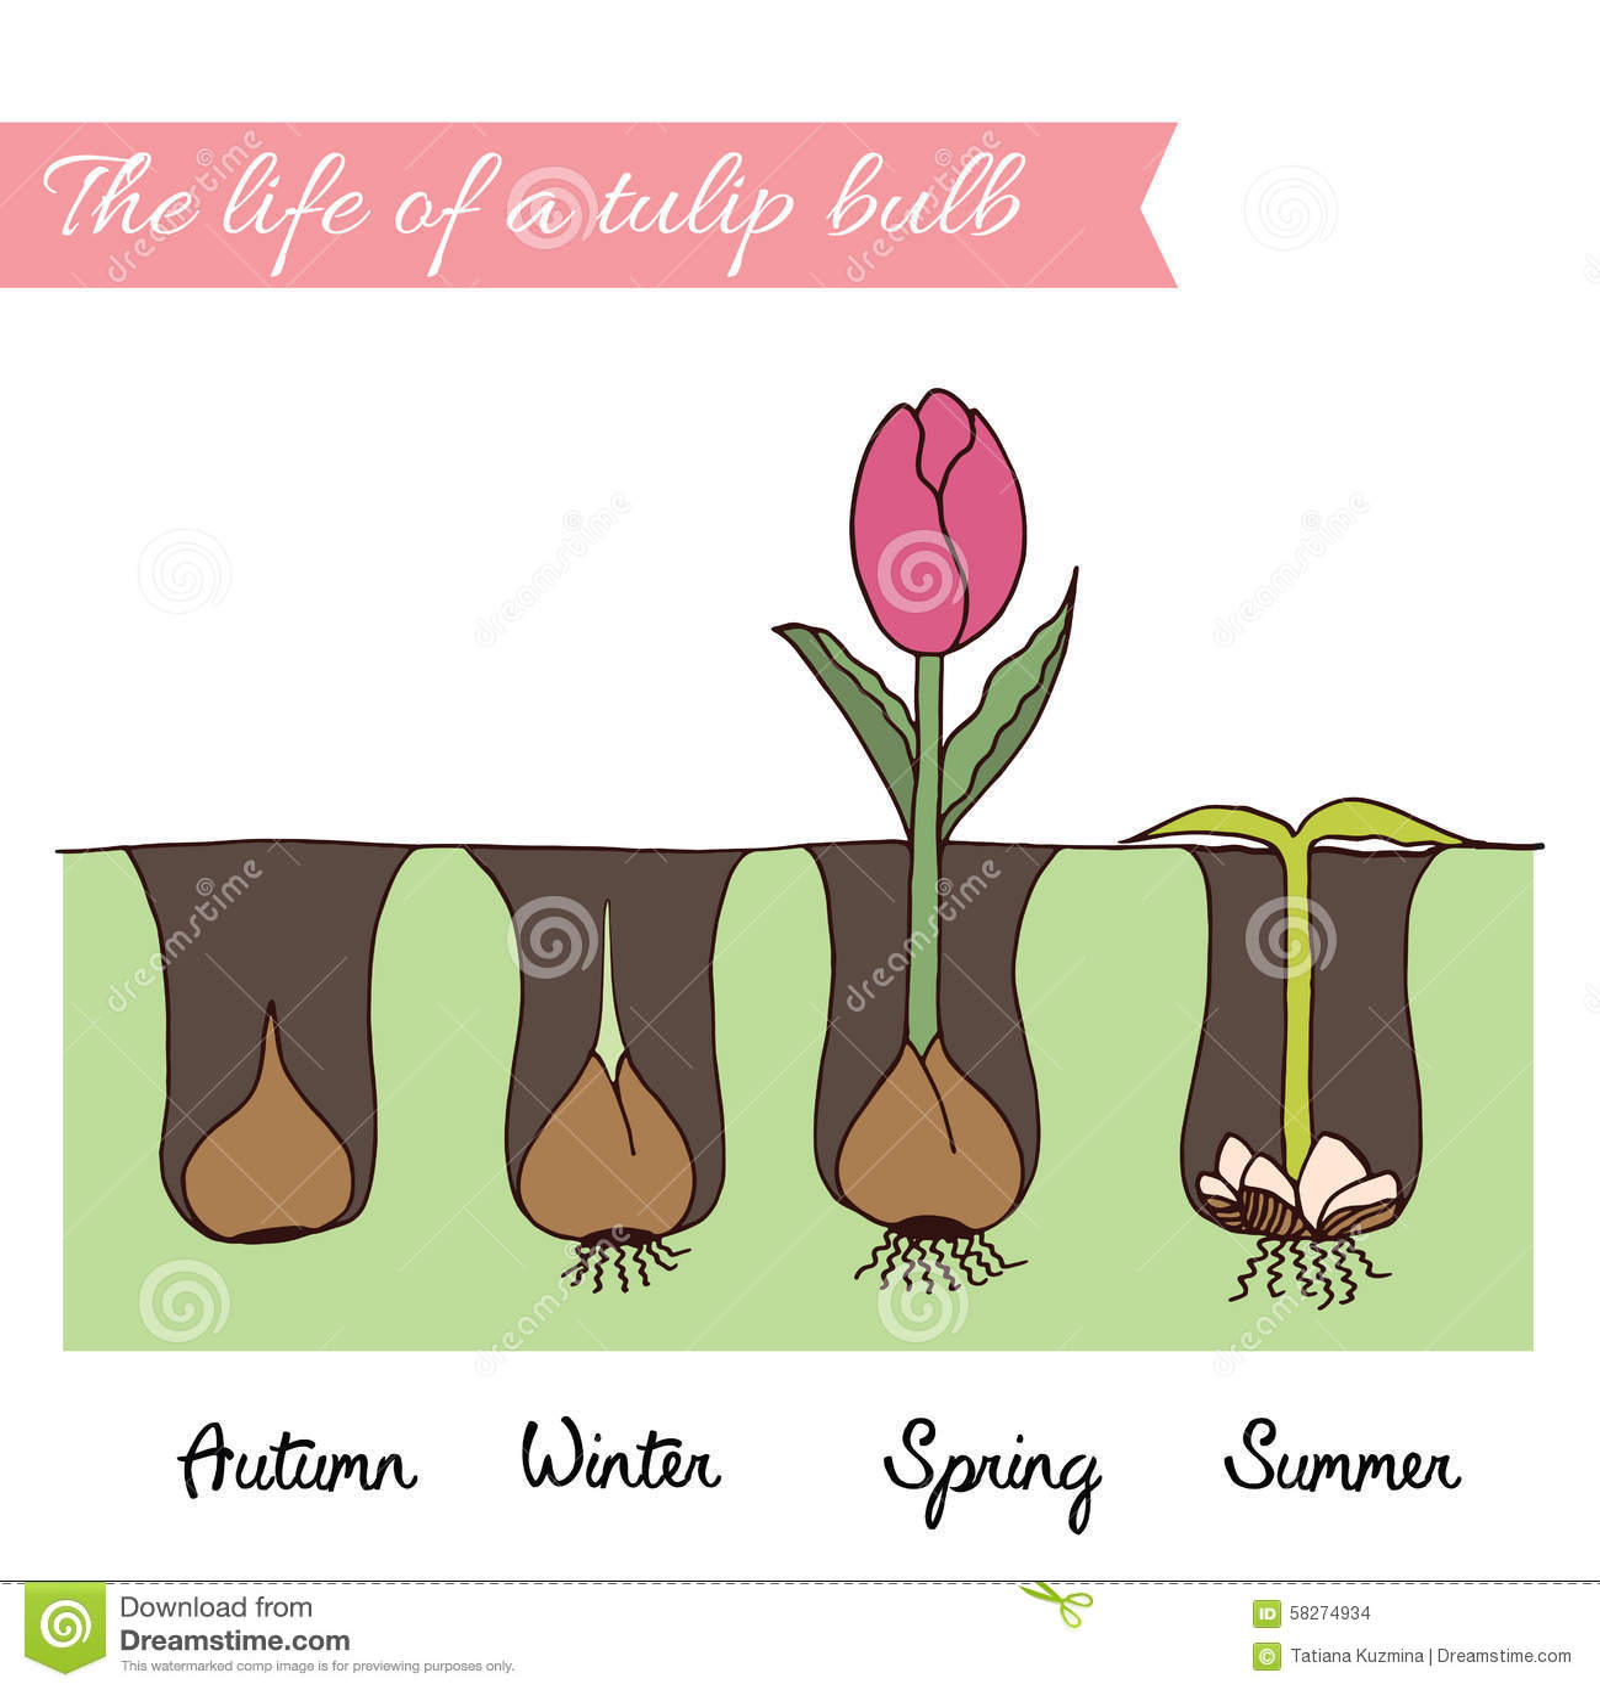 Come Si Piantano I Tulipani come piantare i tulipani illustrazione vettoriale